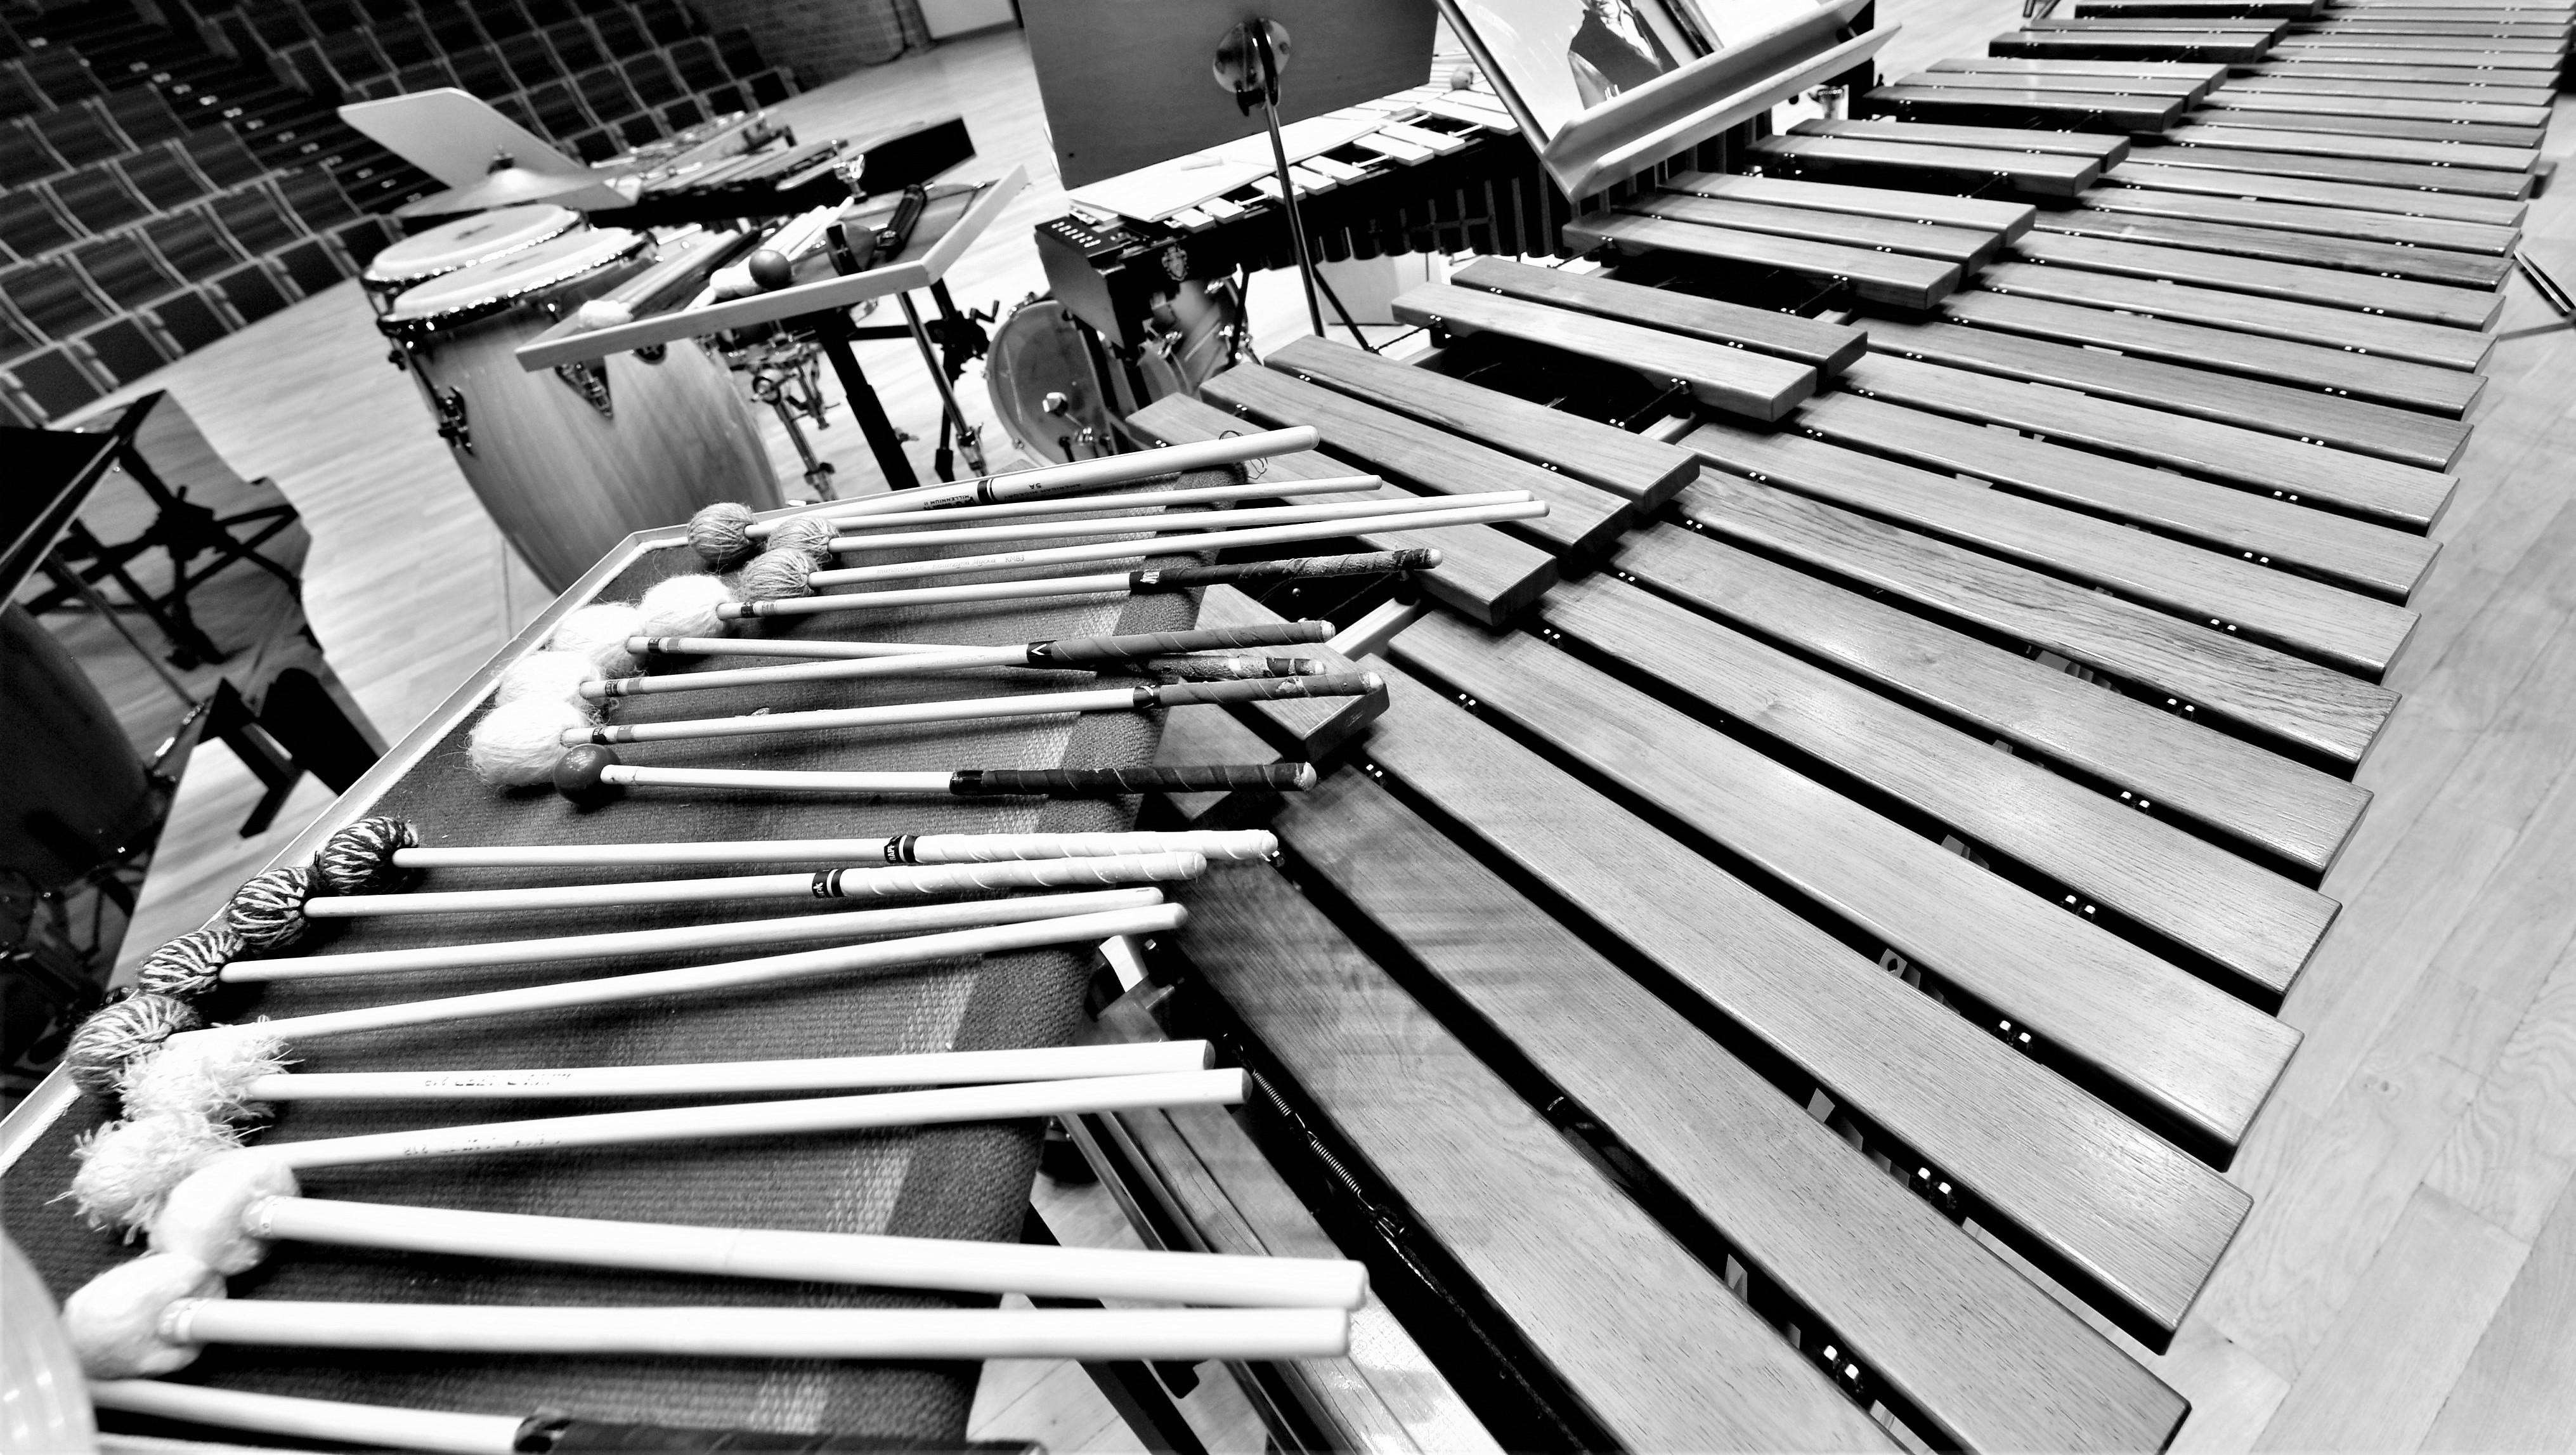 2019_03_07_percussion